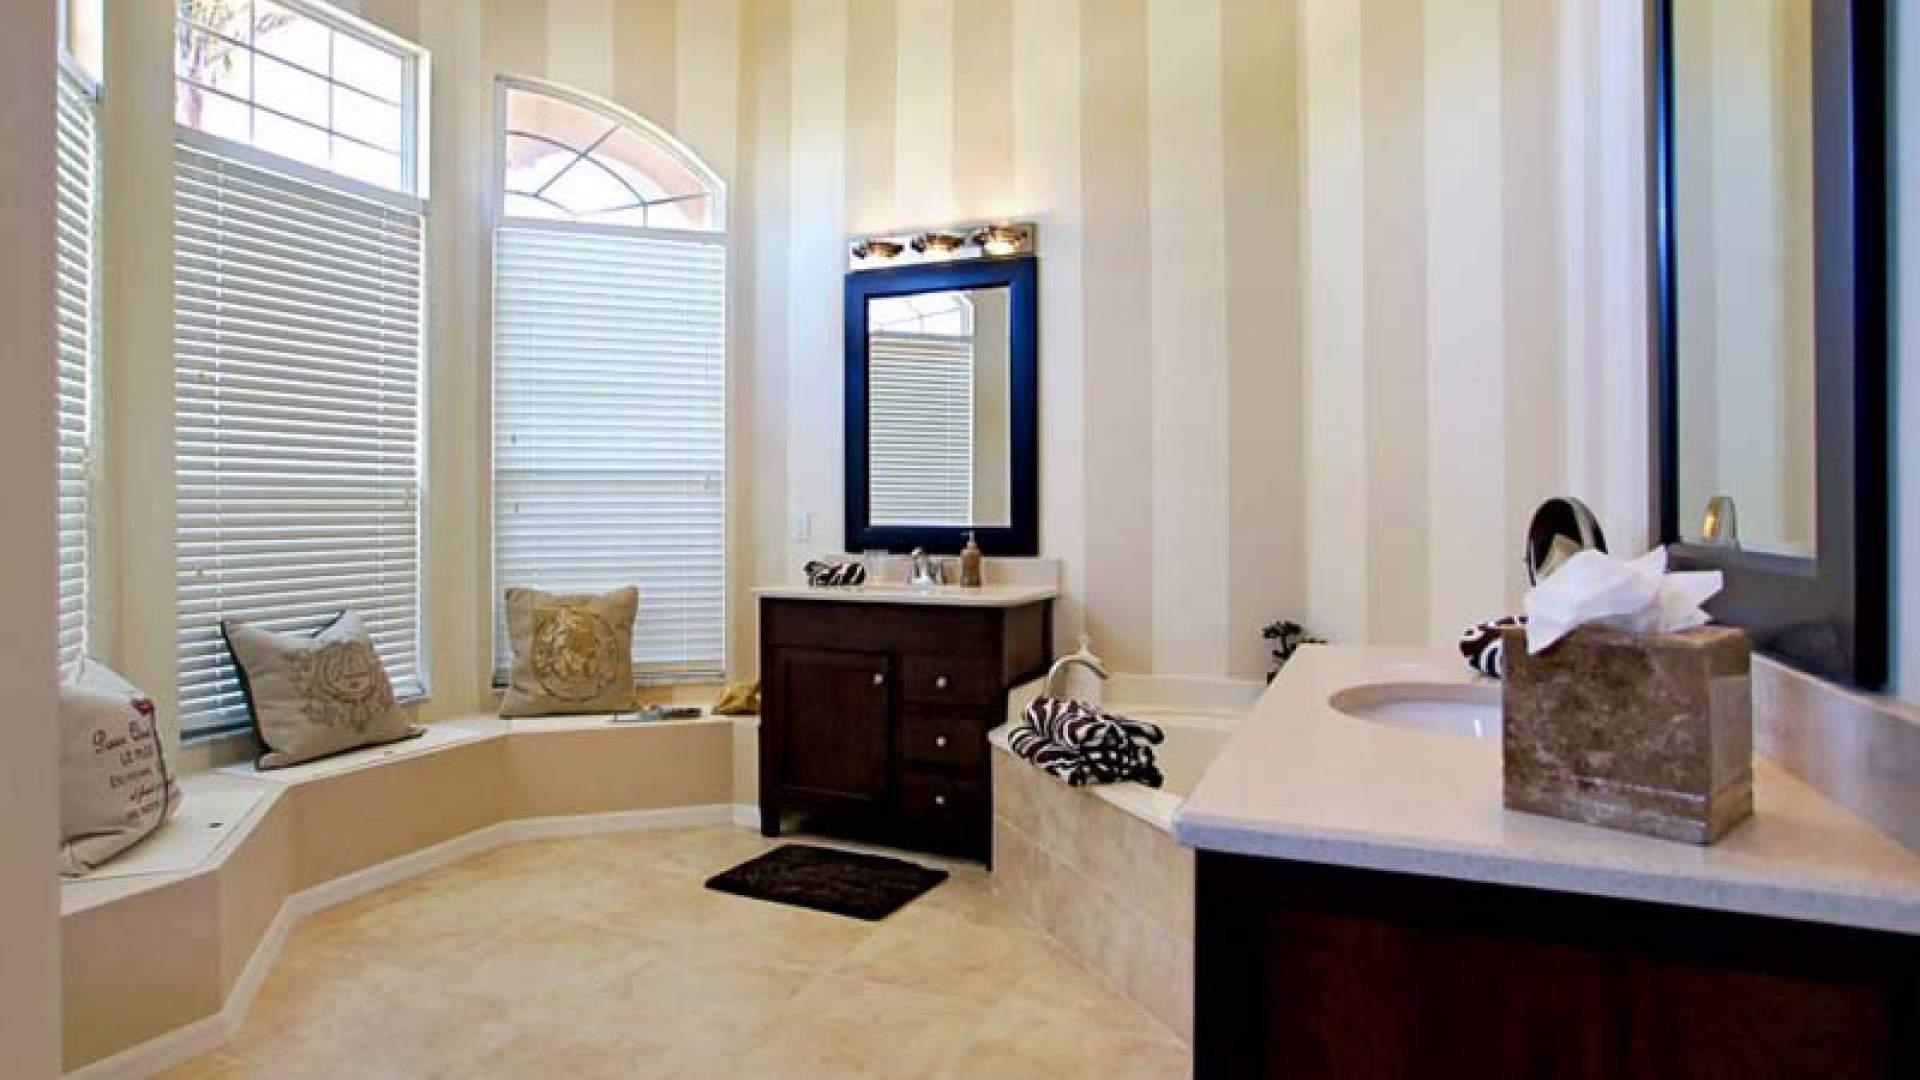 Dusche Direkt Vor Dem Fenster : Dusche Direkt Vor Dem Fenster : Dusche, 2 separaten Waschtischen und